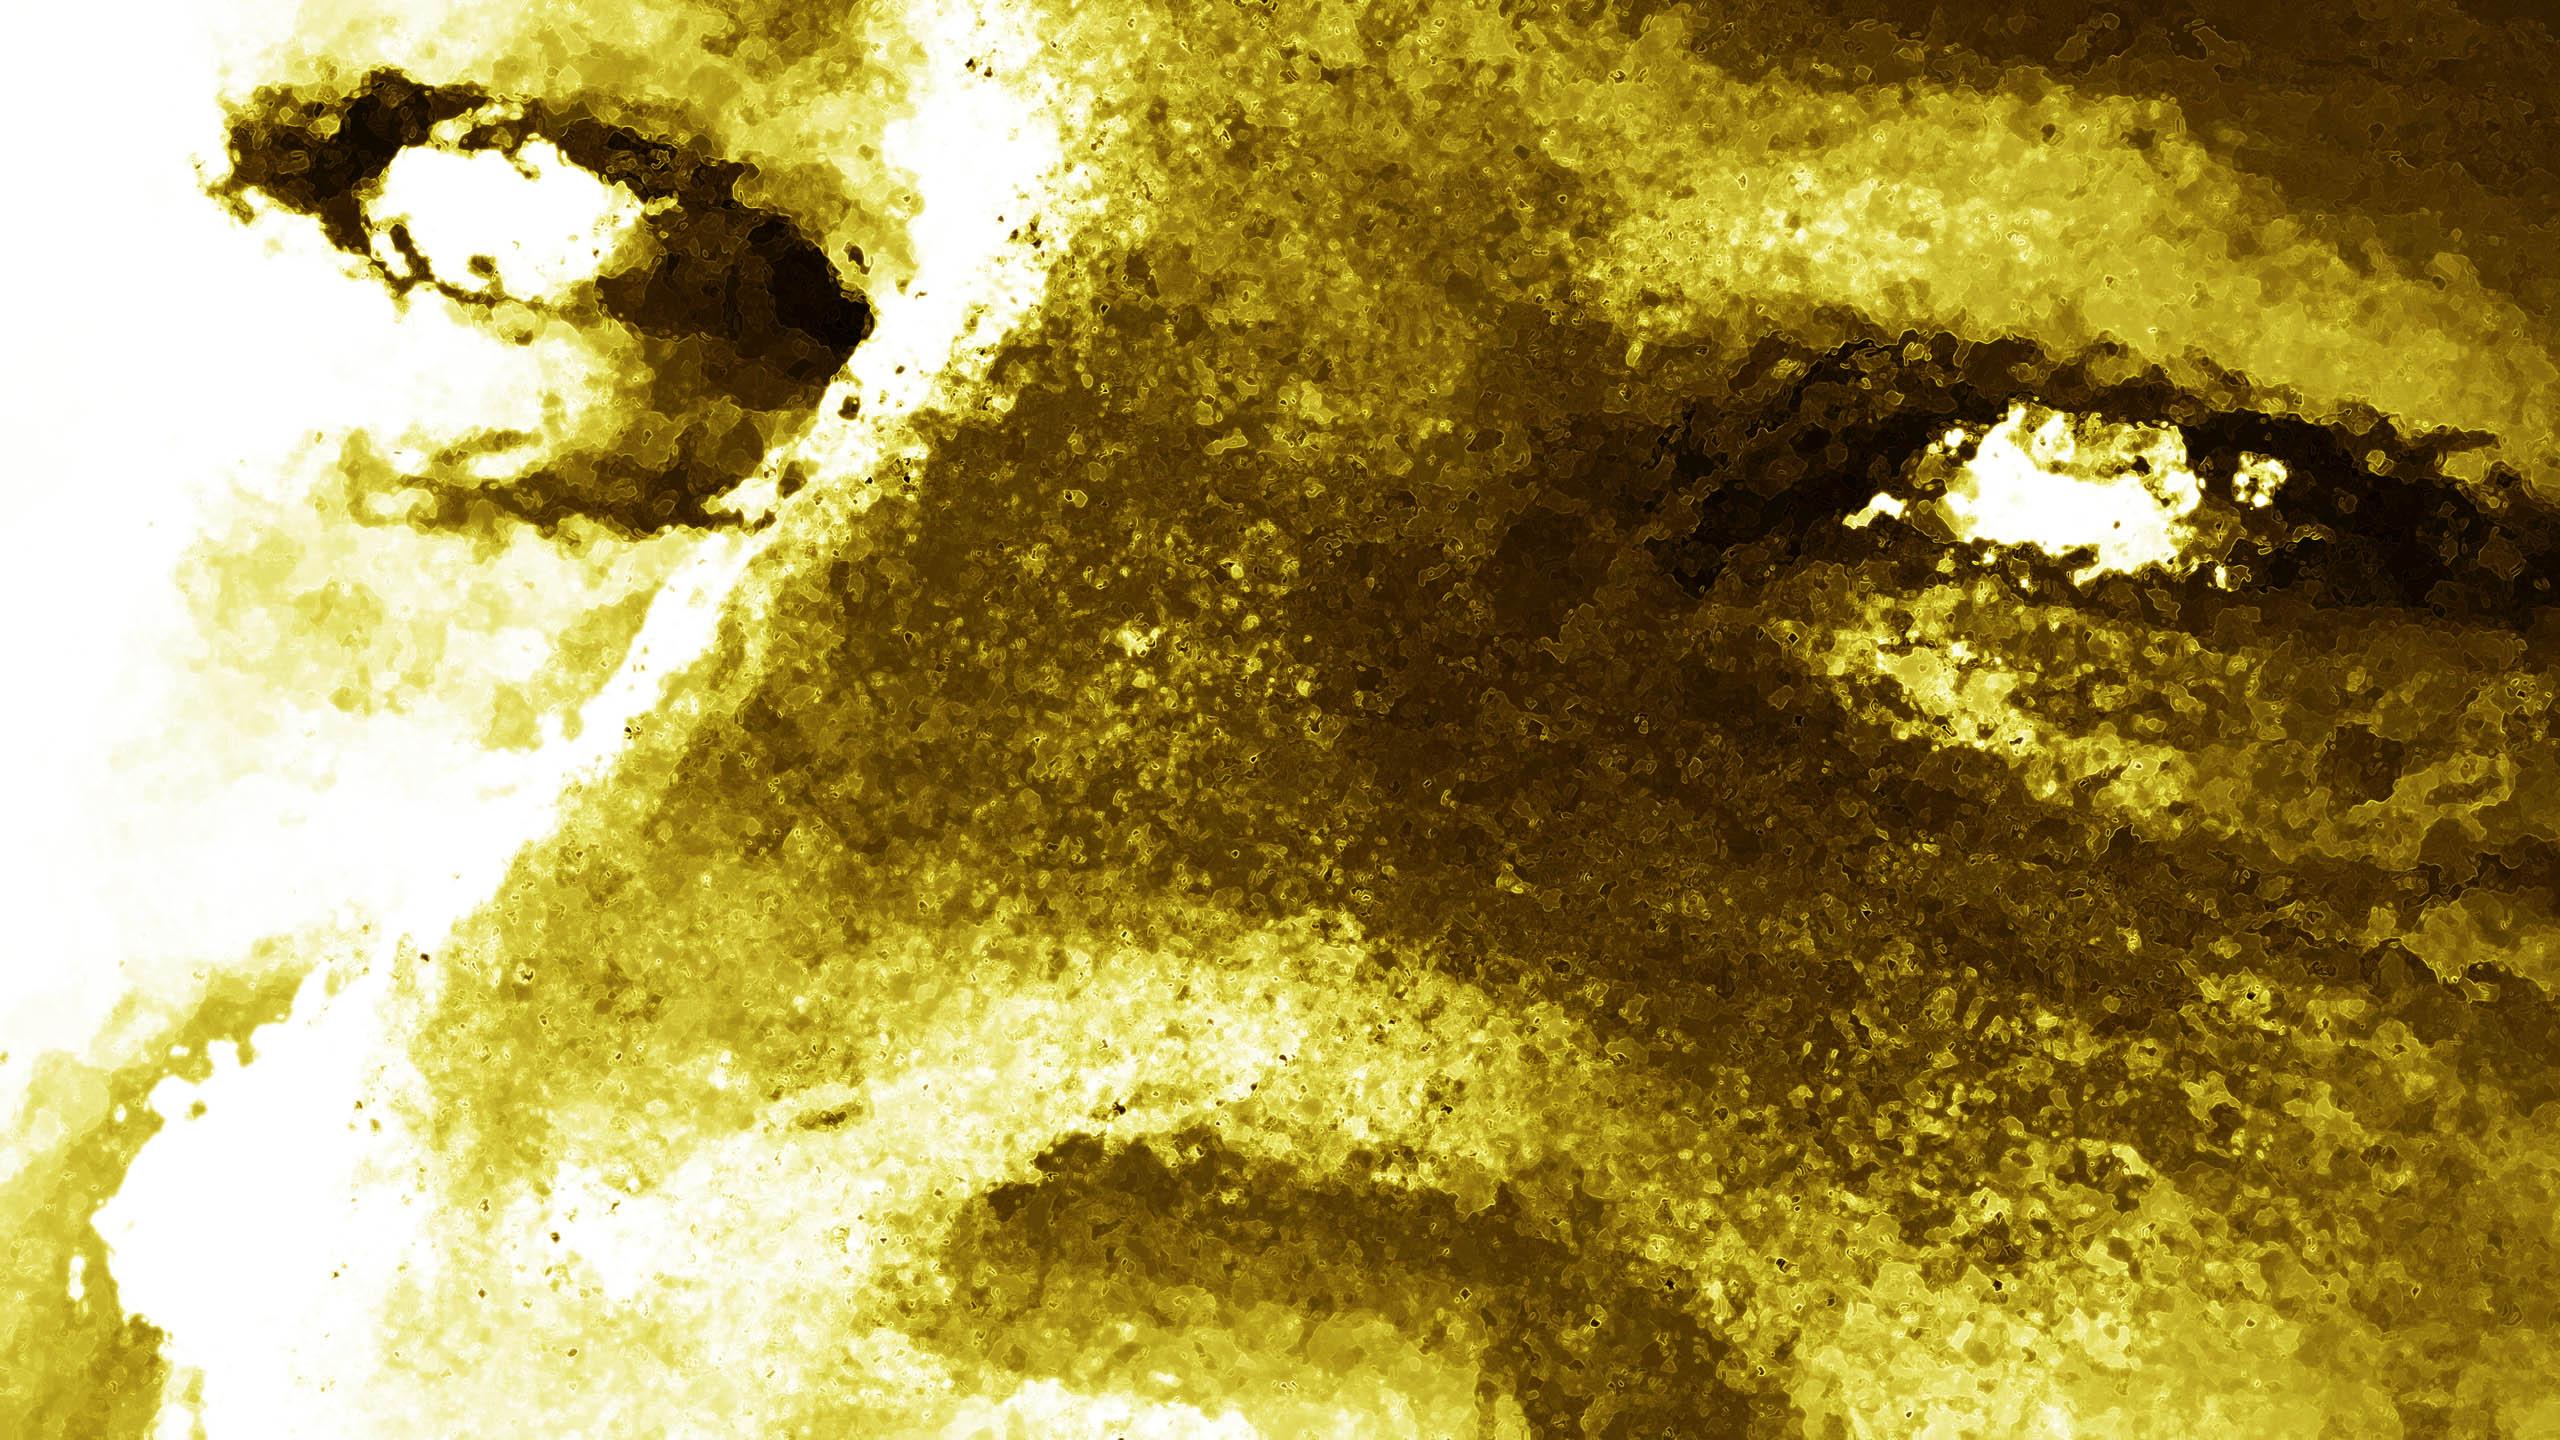 Bour Siien mirada / Kopi Luwak